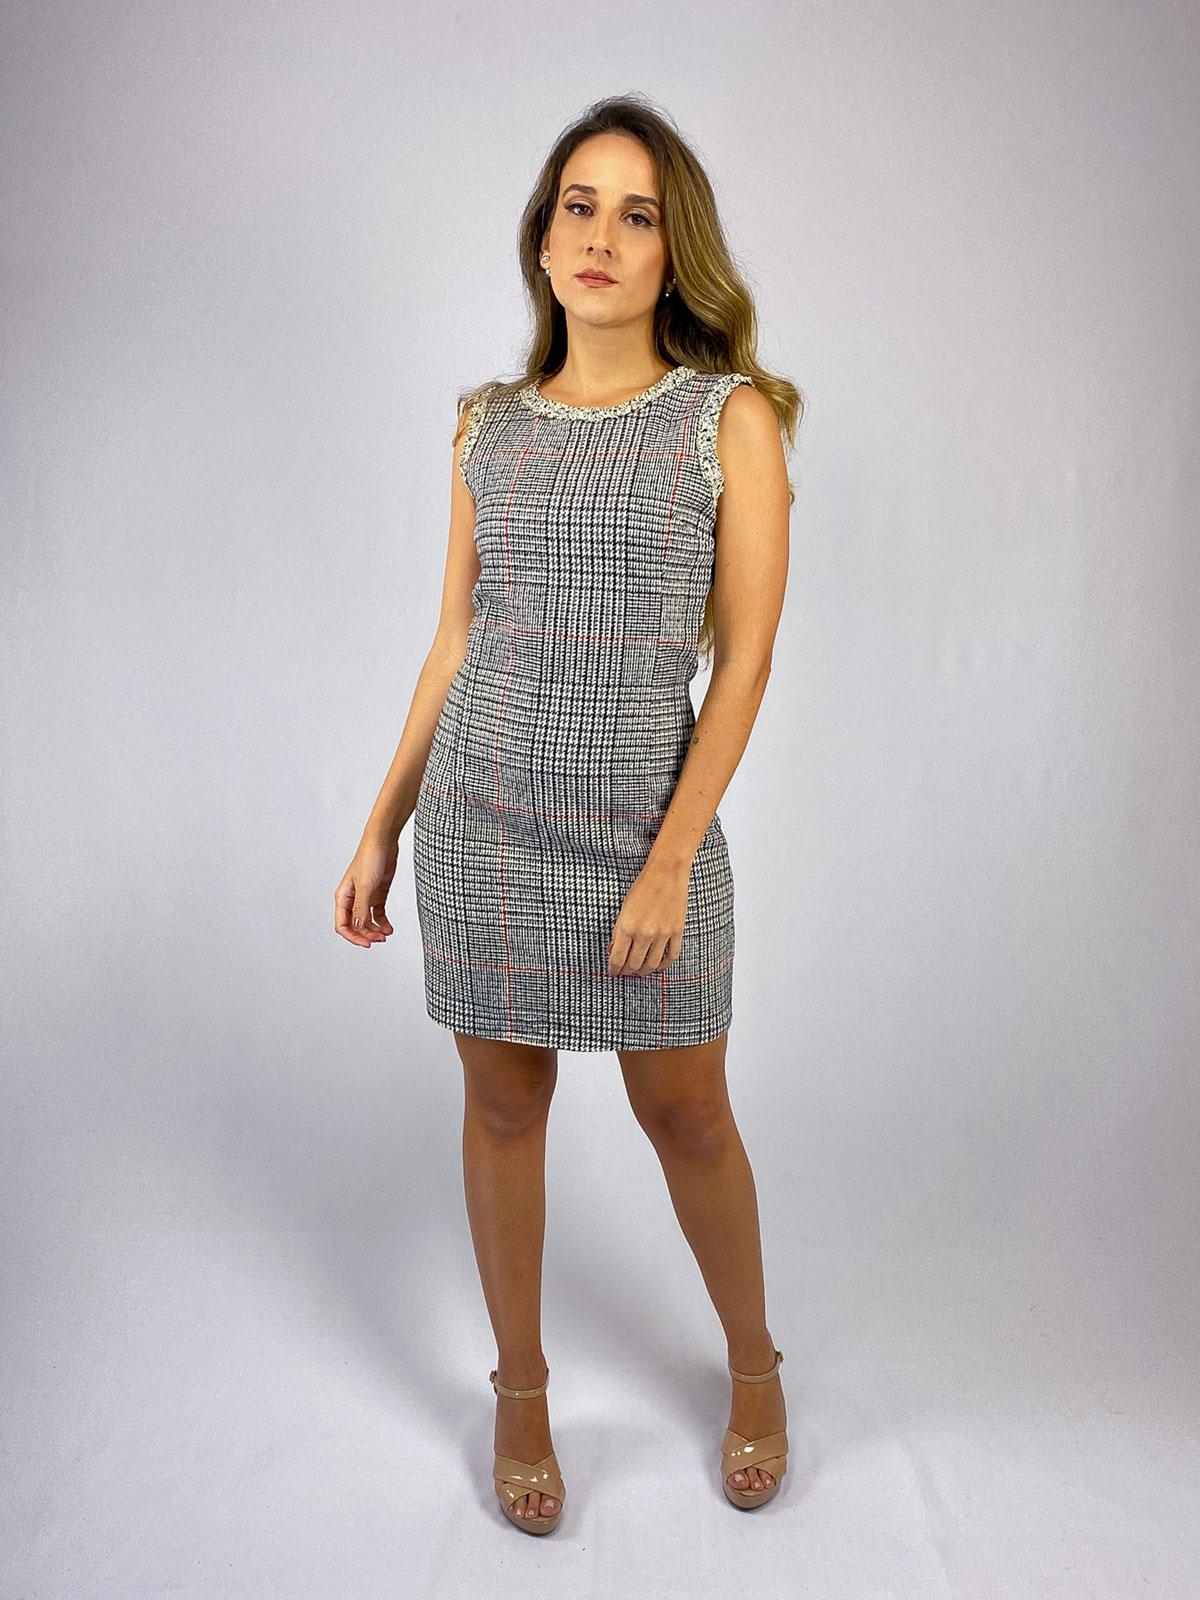 Vestido Tweed Xadrez img2